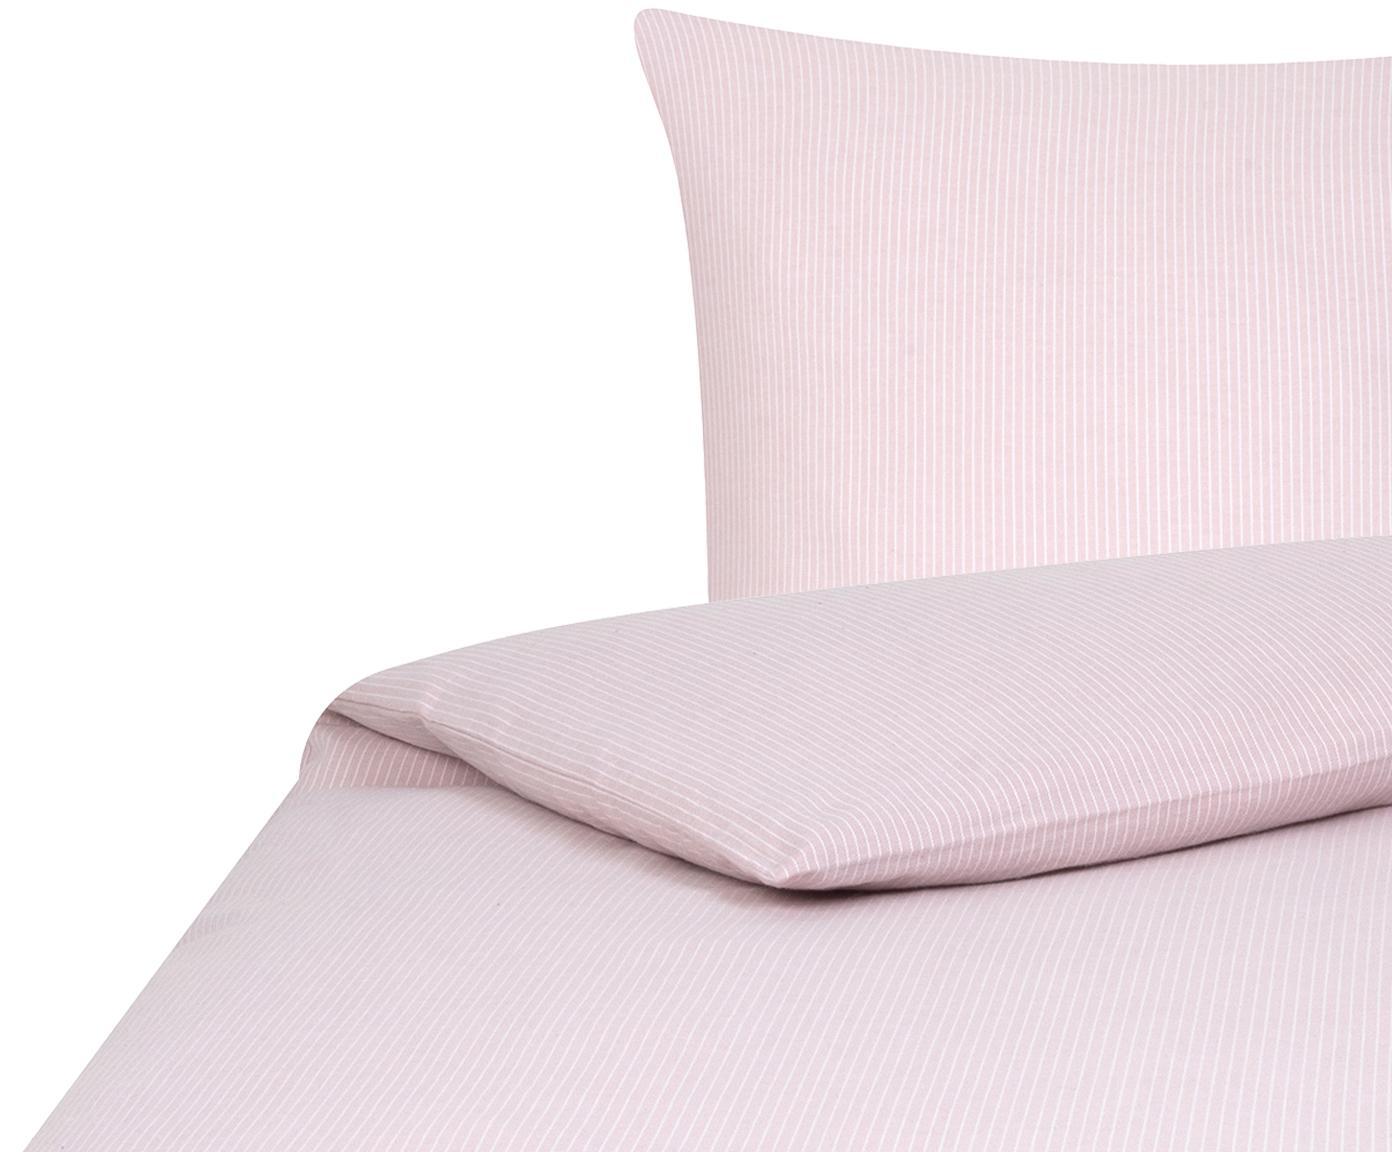 Flanell-Bettwäsche Rae, fein gestreift, Webart: Flanell Flanell ist ein s, Rosa, Weiß, 135 x 200 cm